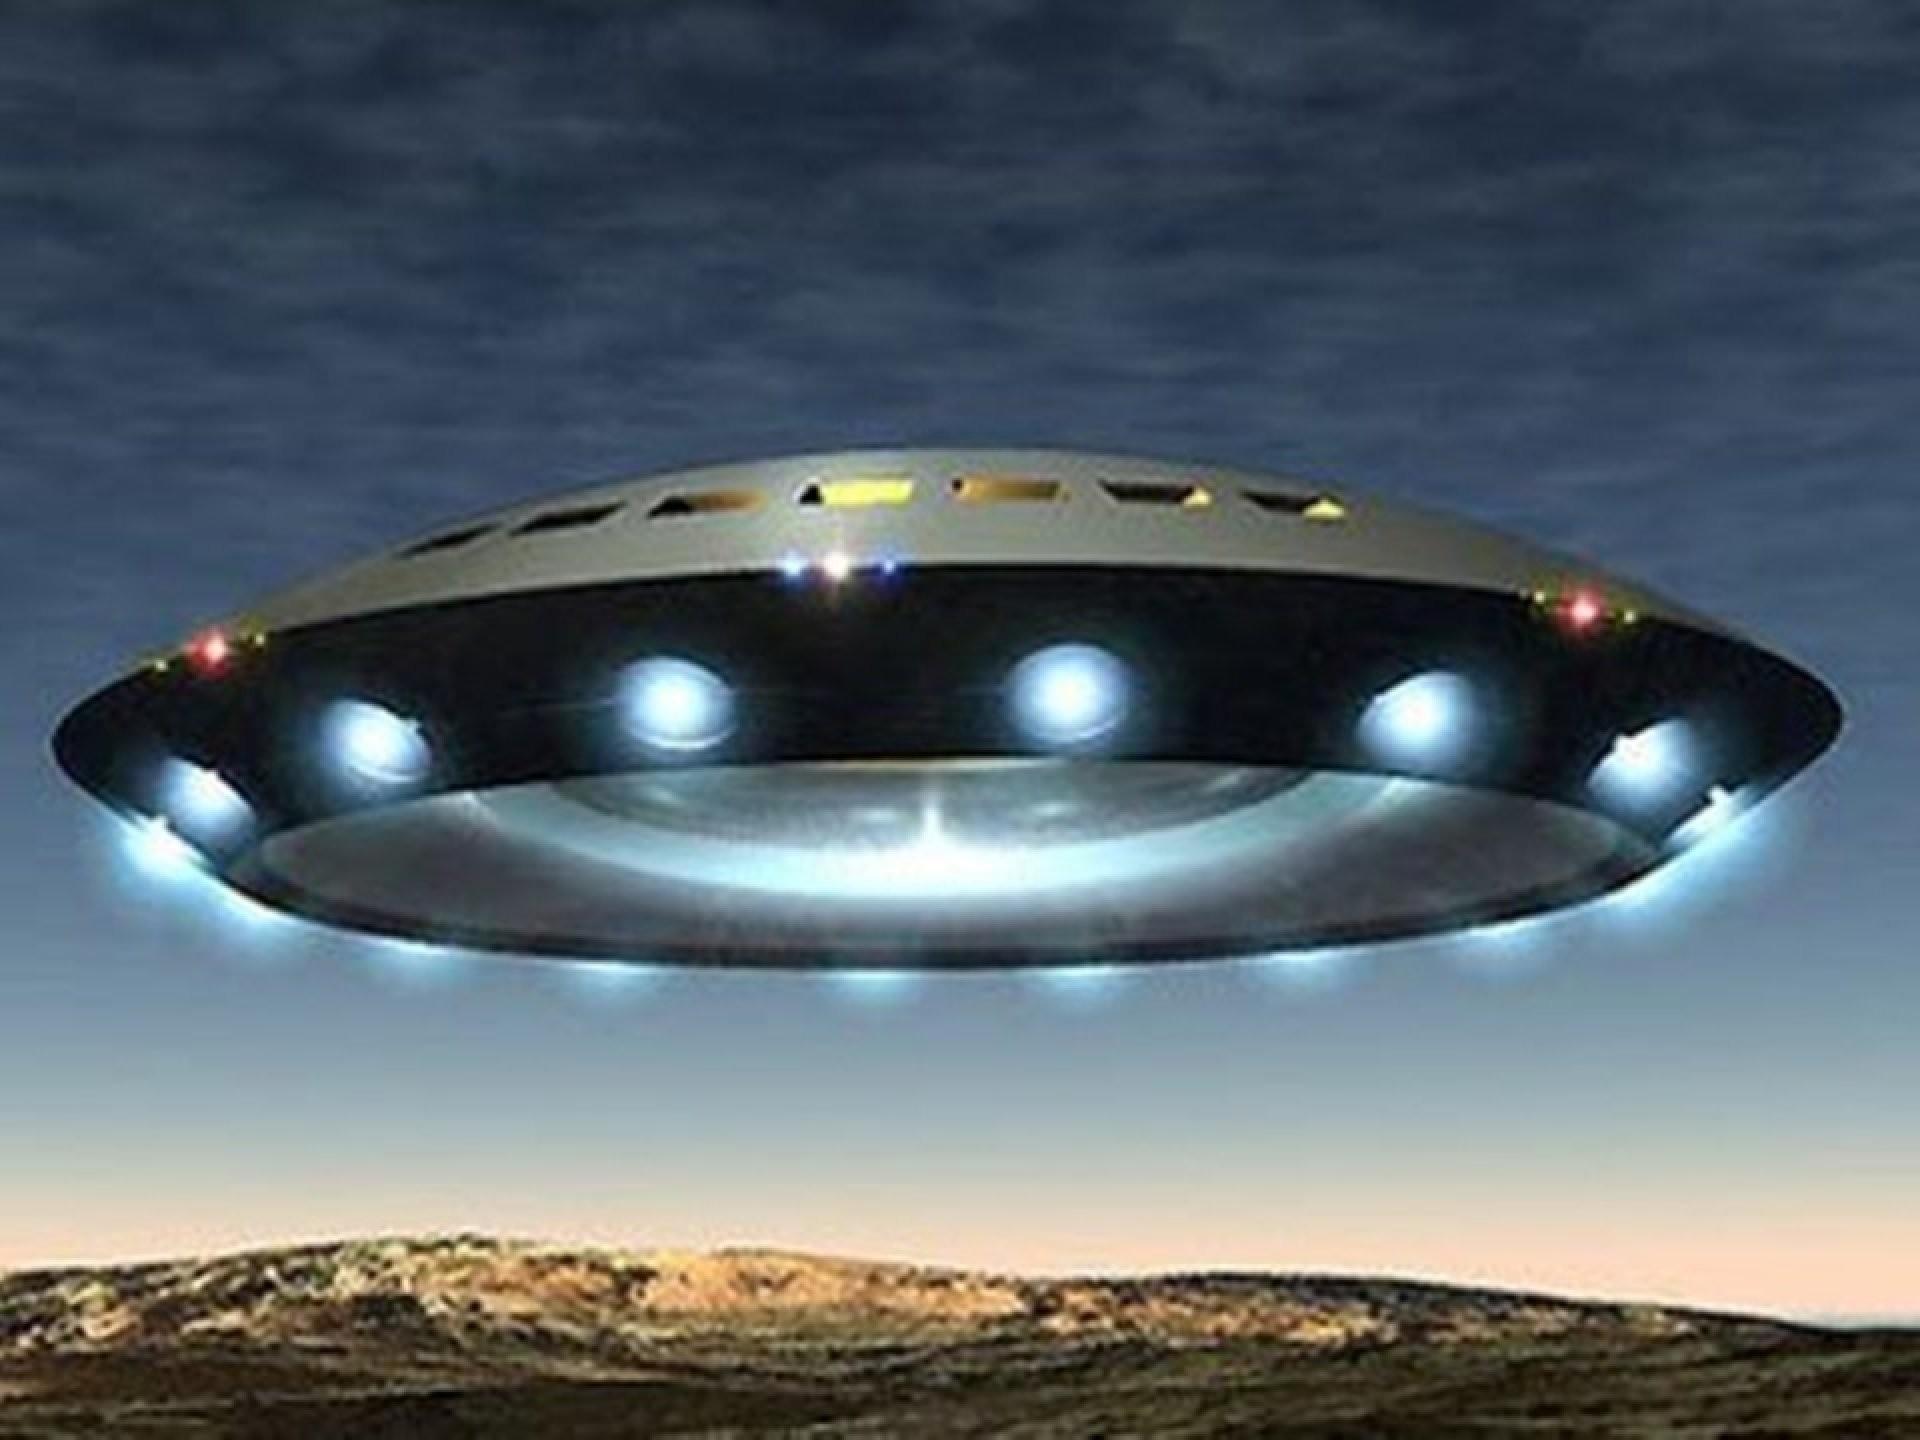 Уфологи: Группу Игоря Дятлова могли уничтожить инопланетяне при посадке наЗемлю